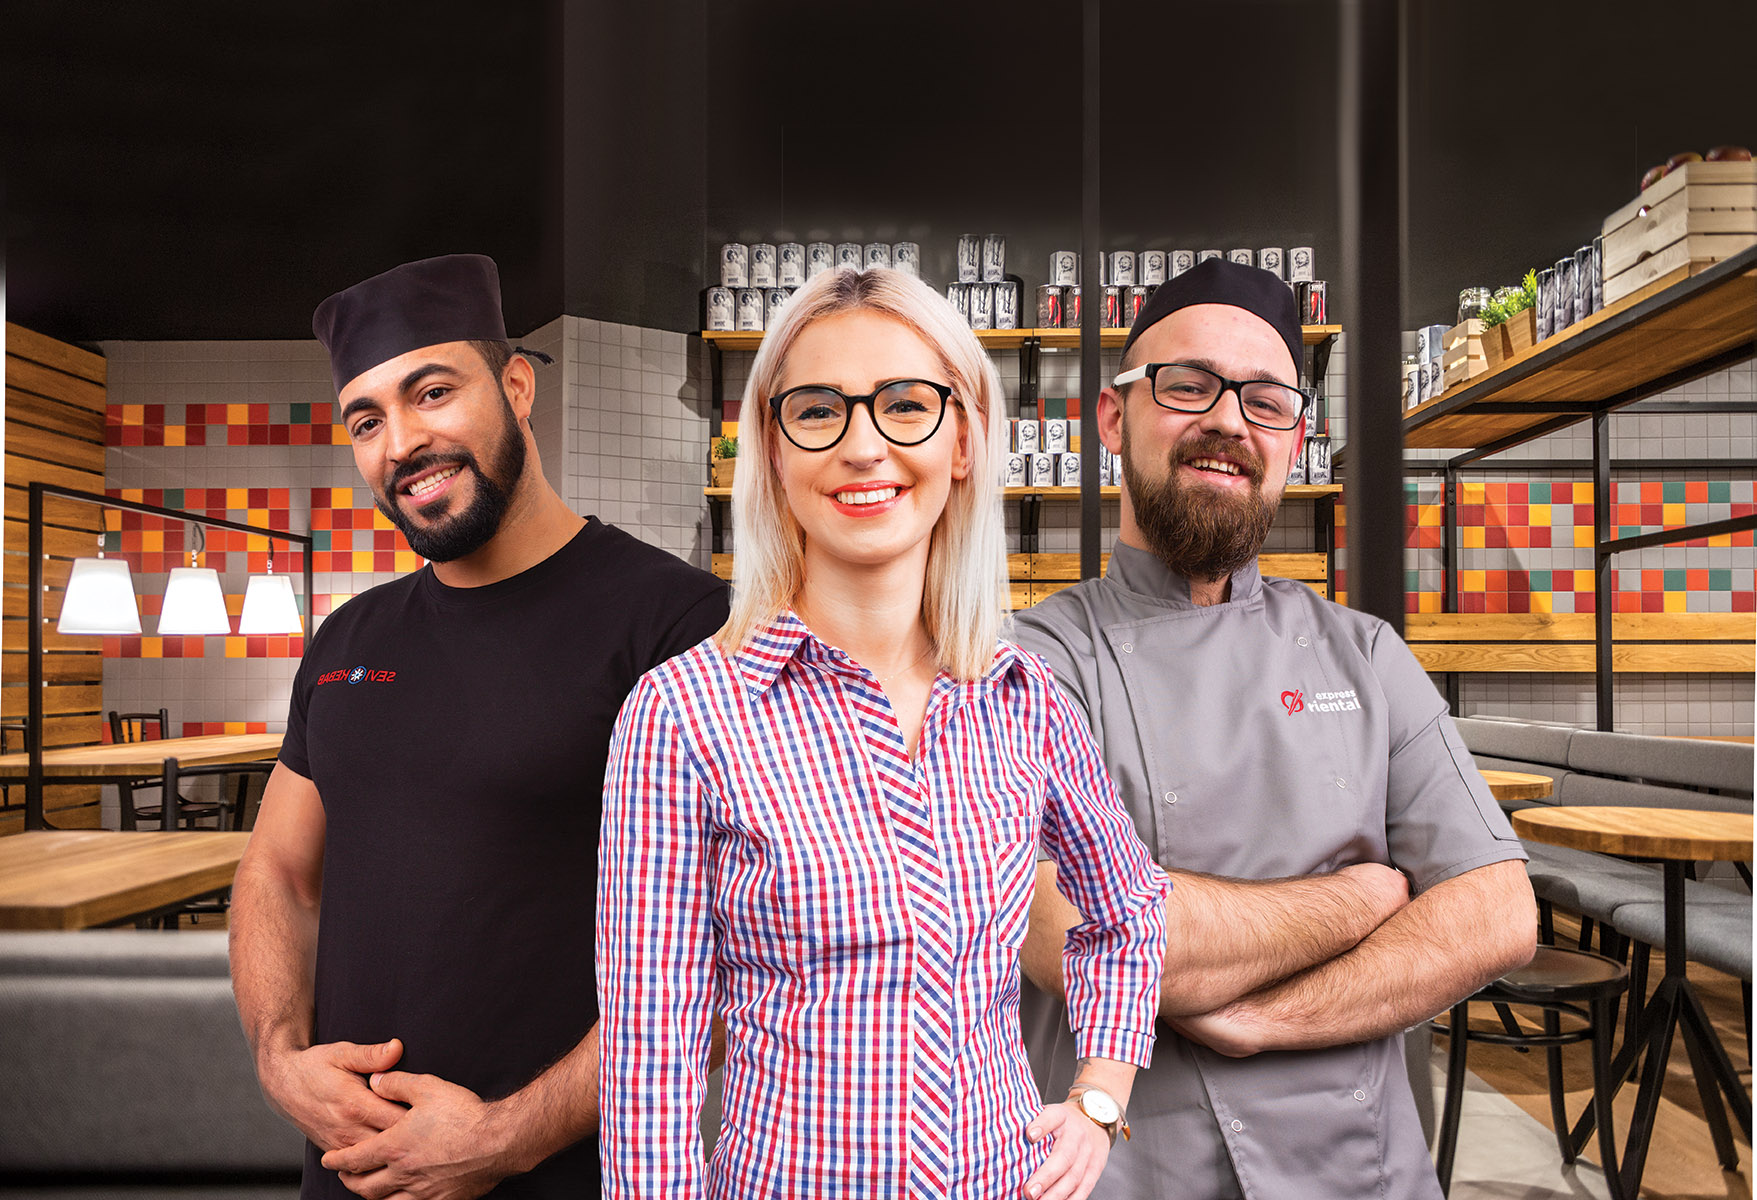 Kariera Kuchnia Marche